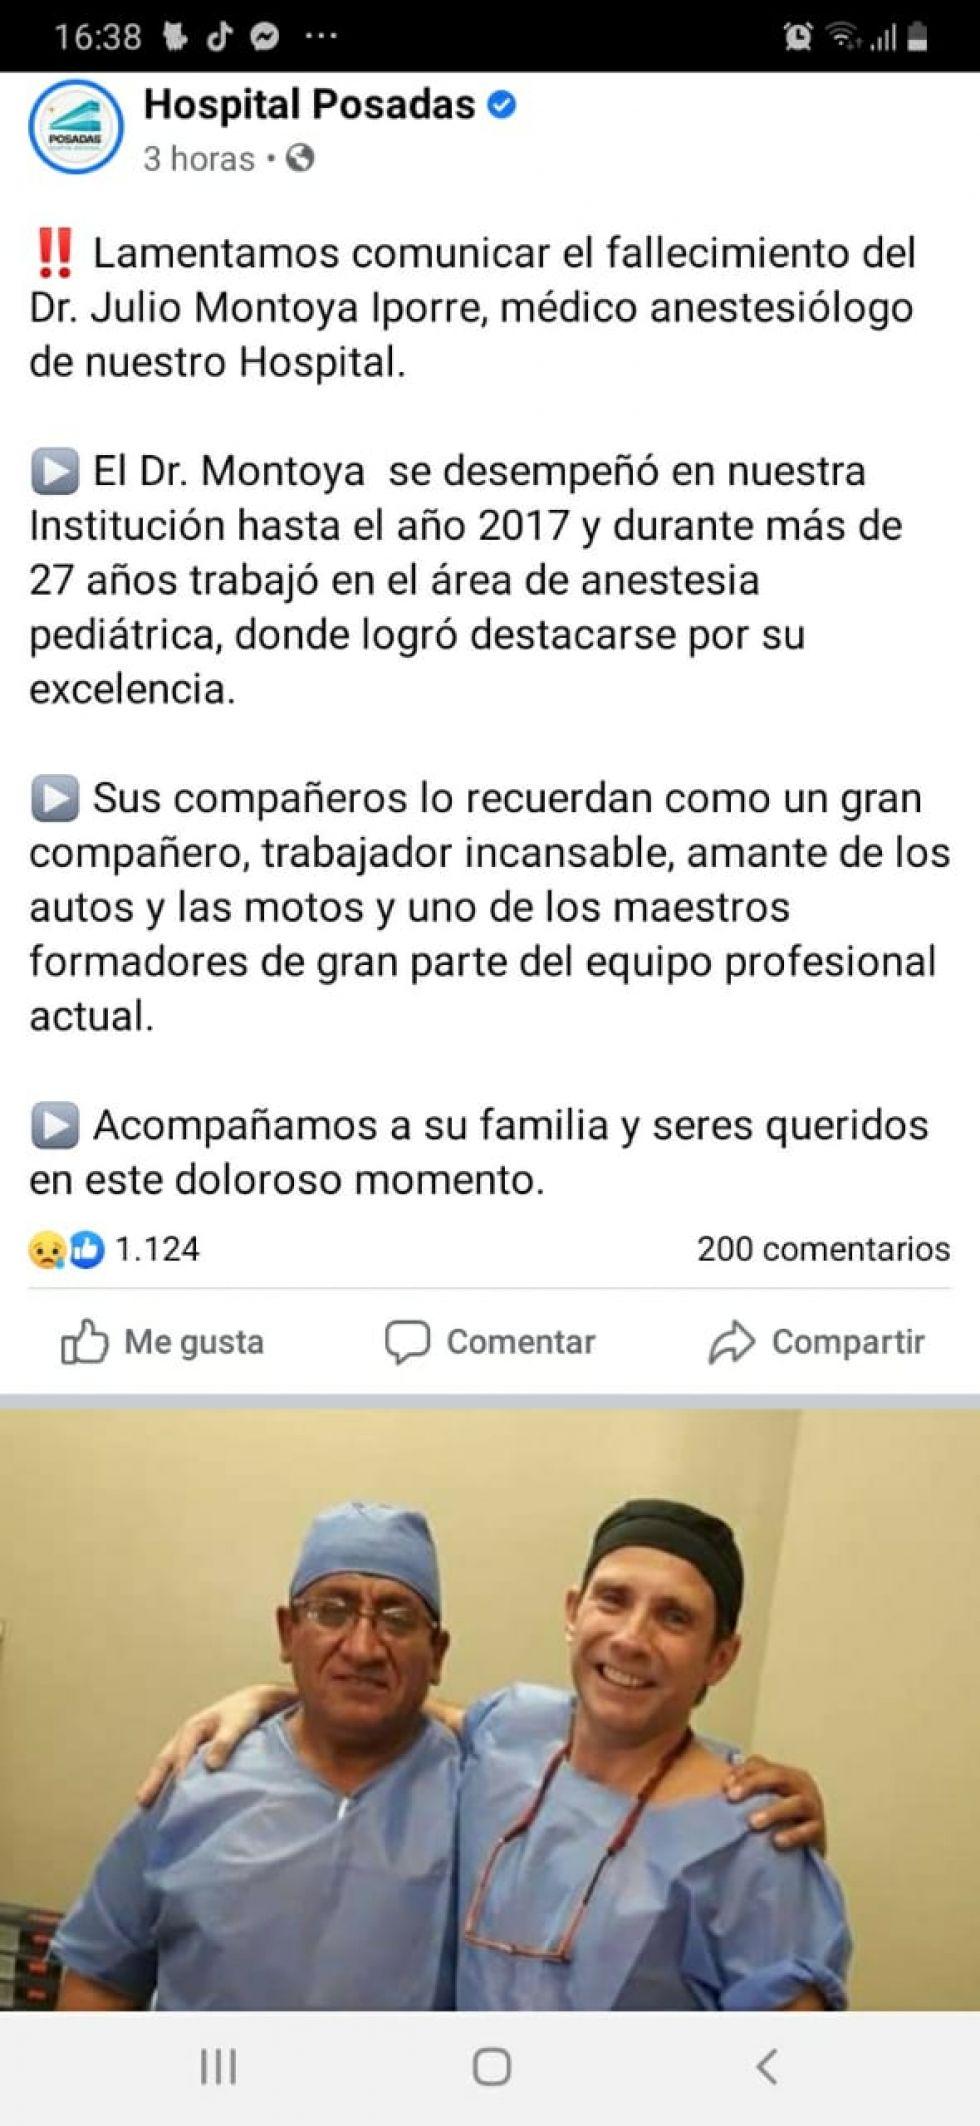 El comunicado del hospital.